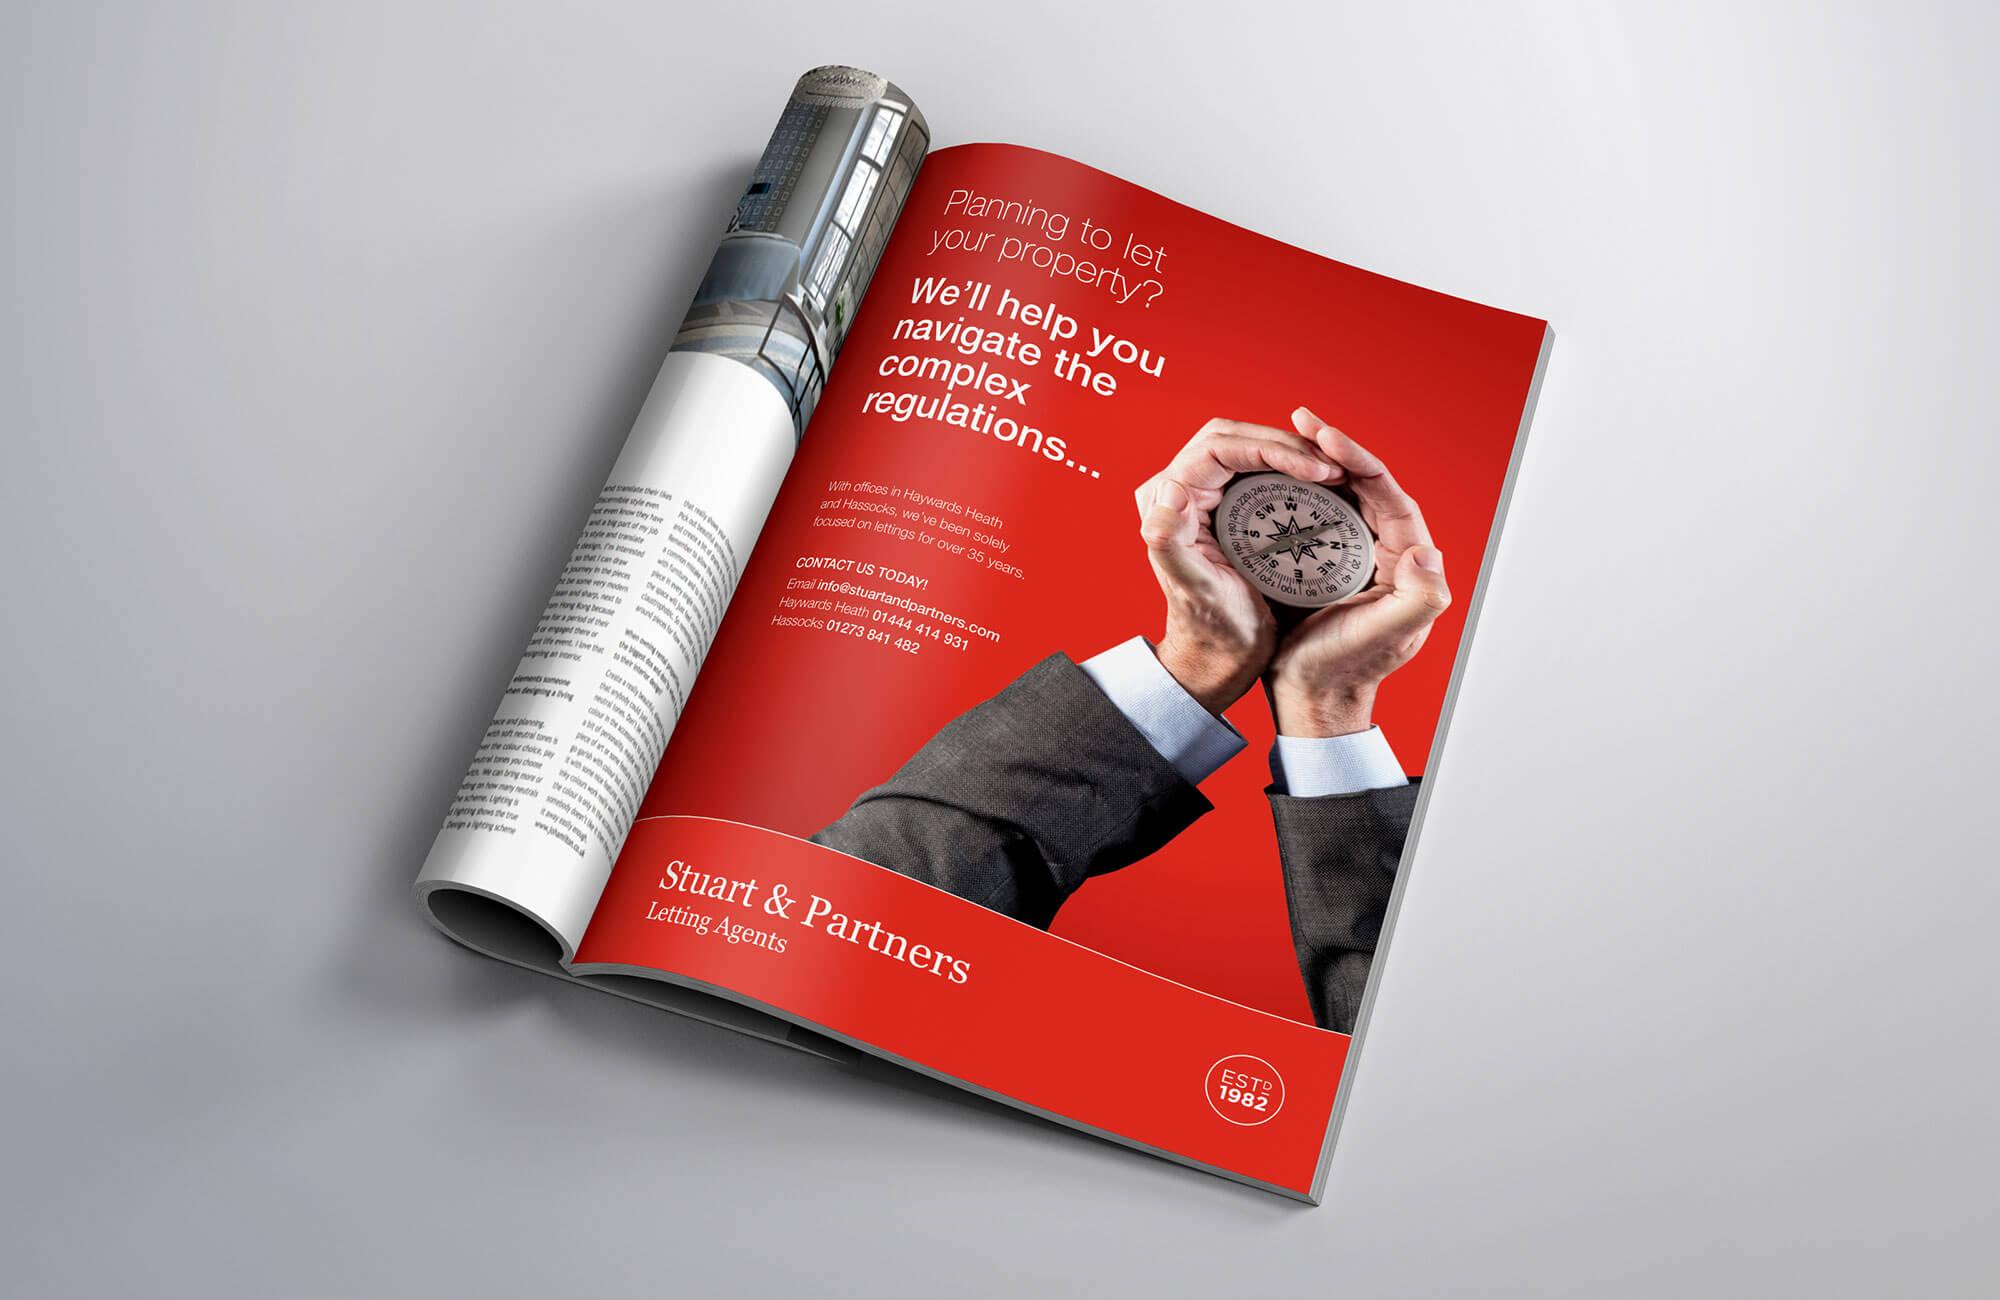 Stuart & Partners Marketing Campaign Advert Design Concept